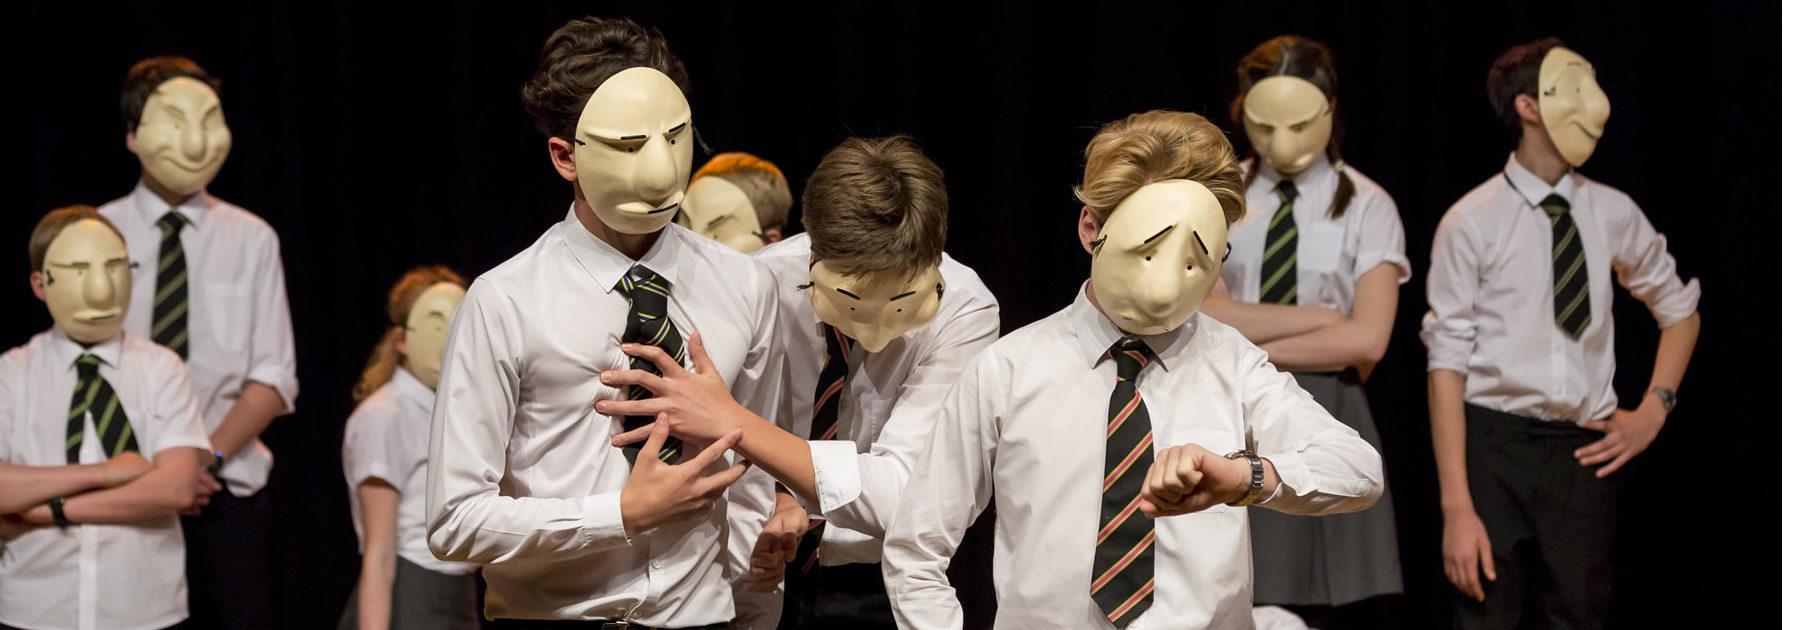 drama and theatre studies caterham school